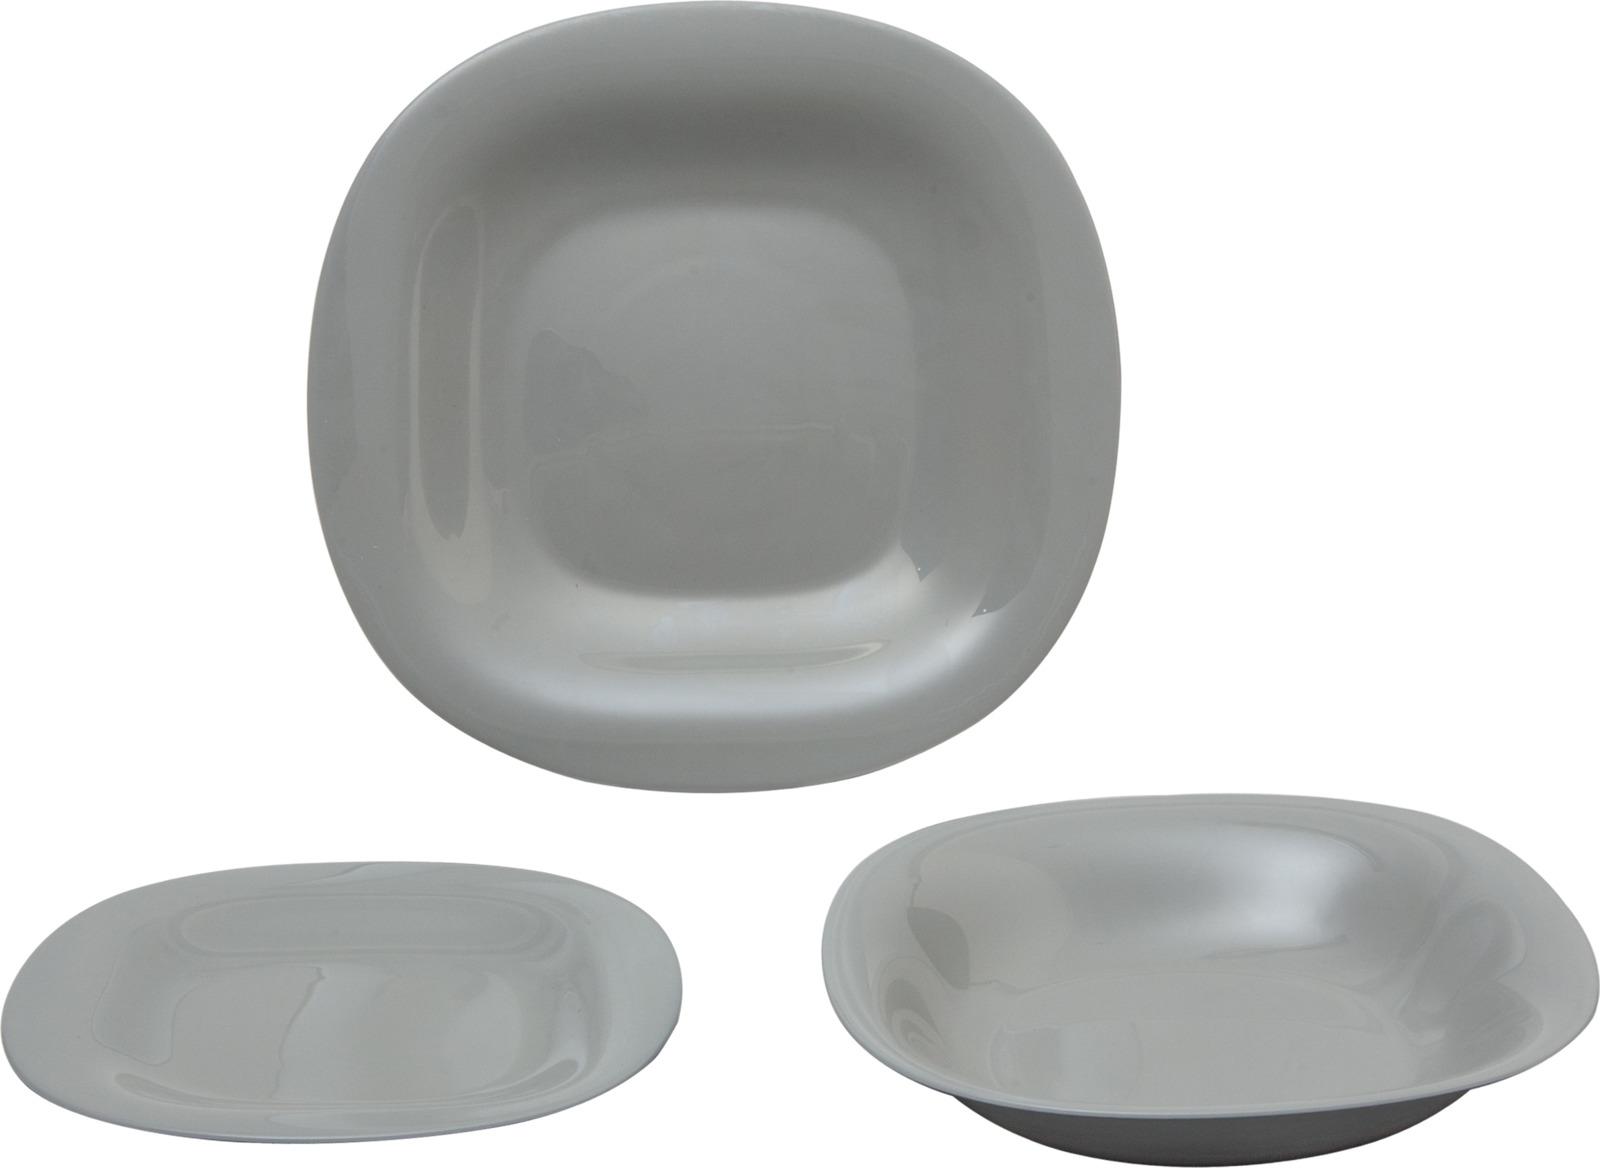 Набор столовой посуды Luminarc Карин Гранит, N7665, серый набор столовой посуды luminarc нью карин n2955 белый черный